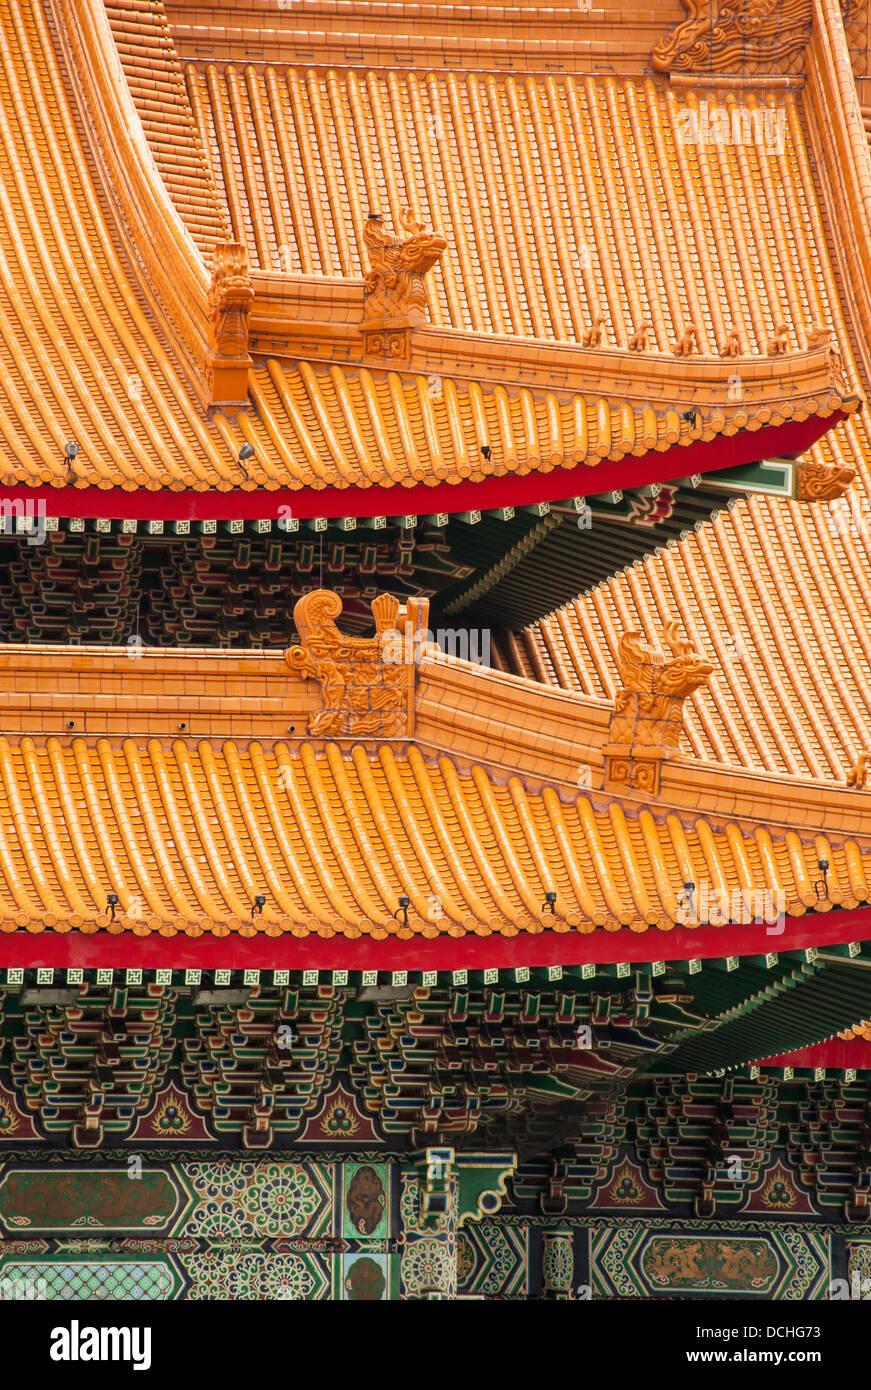 Un détail de la toiture ornée du National Concert Hall de Taipei, Taiwan. Photo Stock